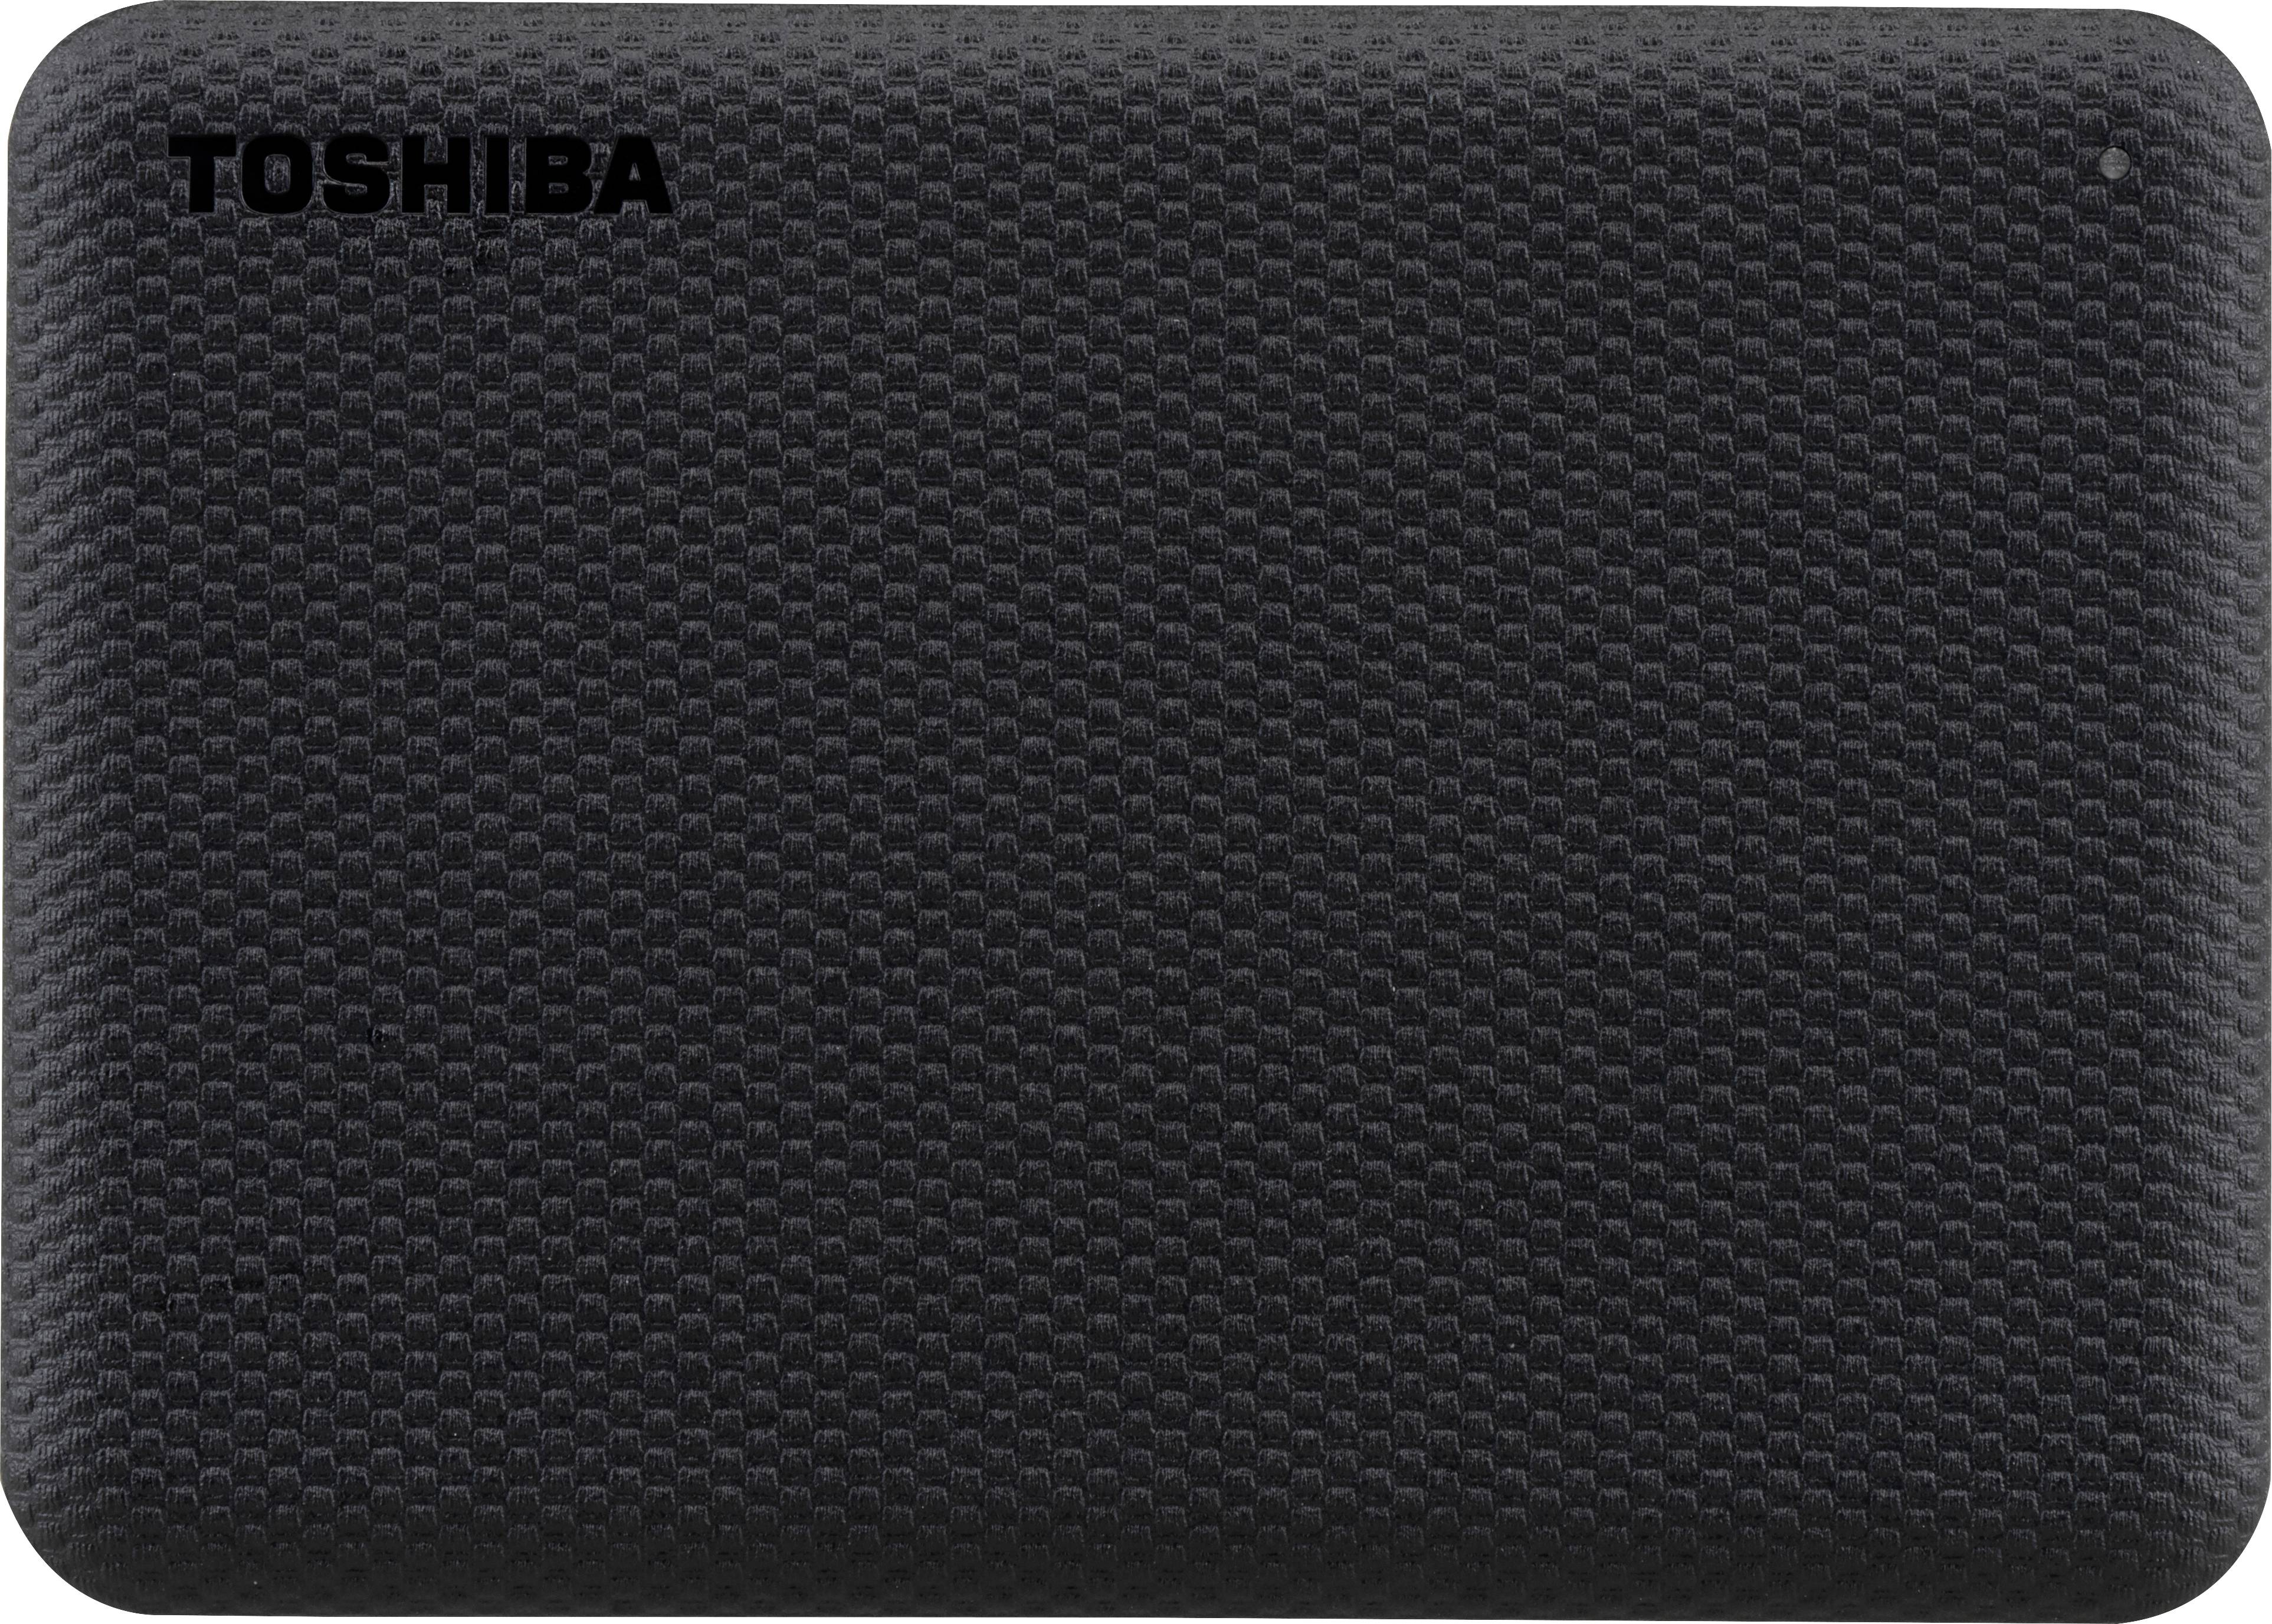 توشيبا - هارد ديسك خارجي محمول كانيفو ادفانس 4 تيرابايت يو اس بي 3.2 الجيل 1 مع النسخ الاحتياطي التلقائي، اسود -HDTCA40EK3CA